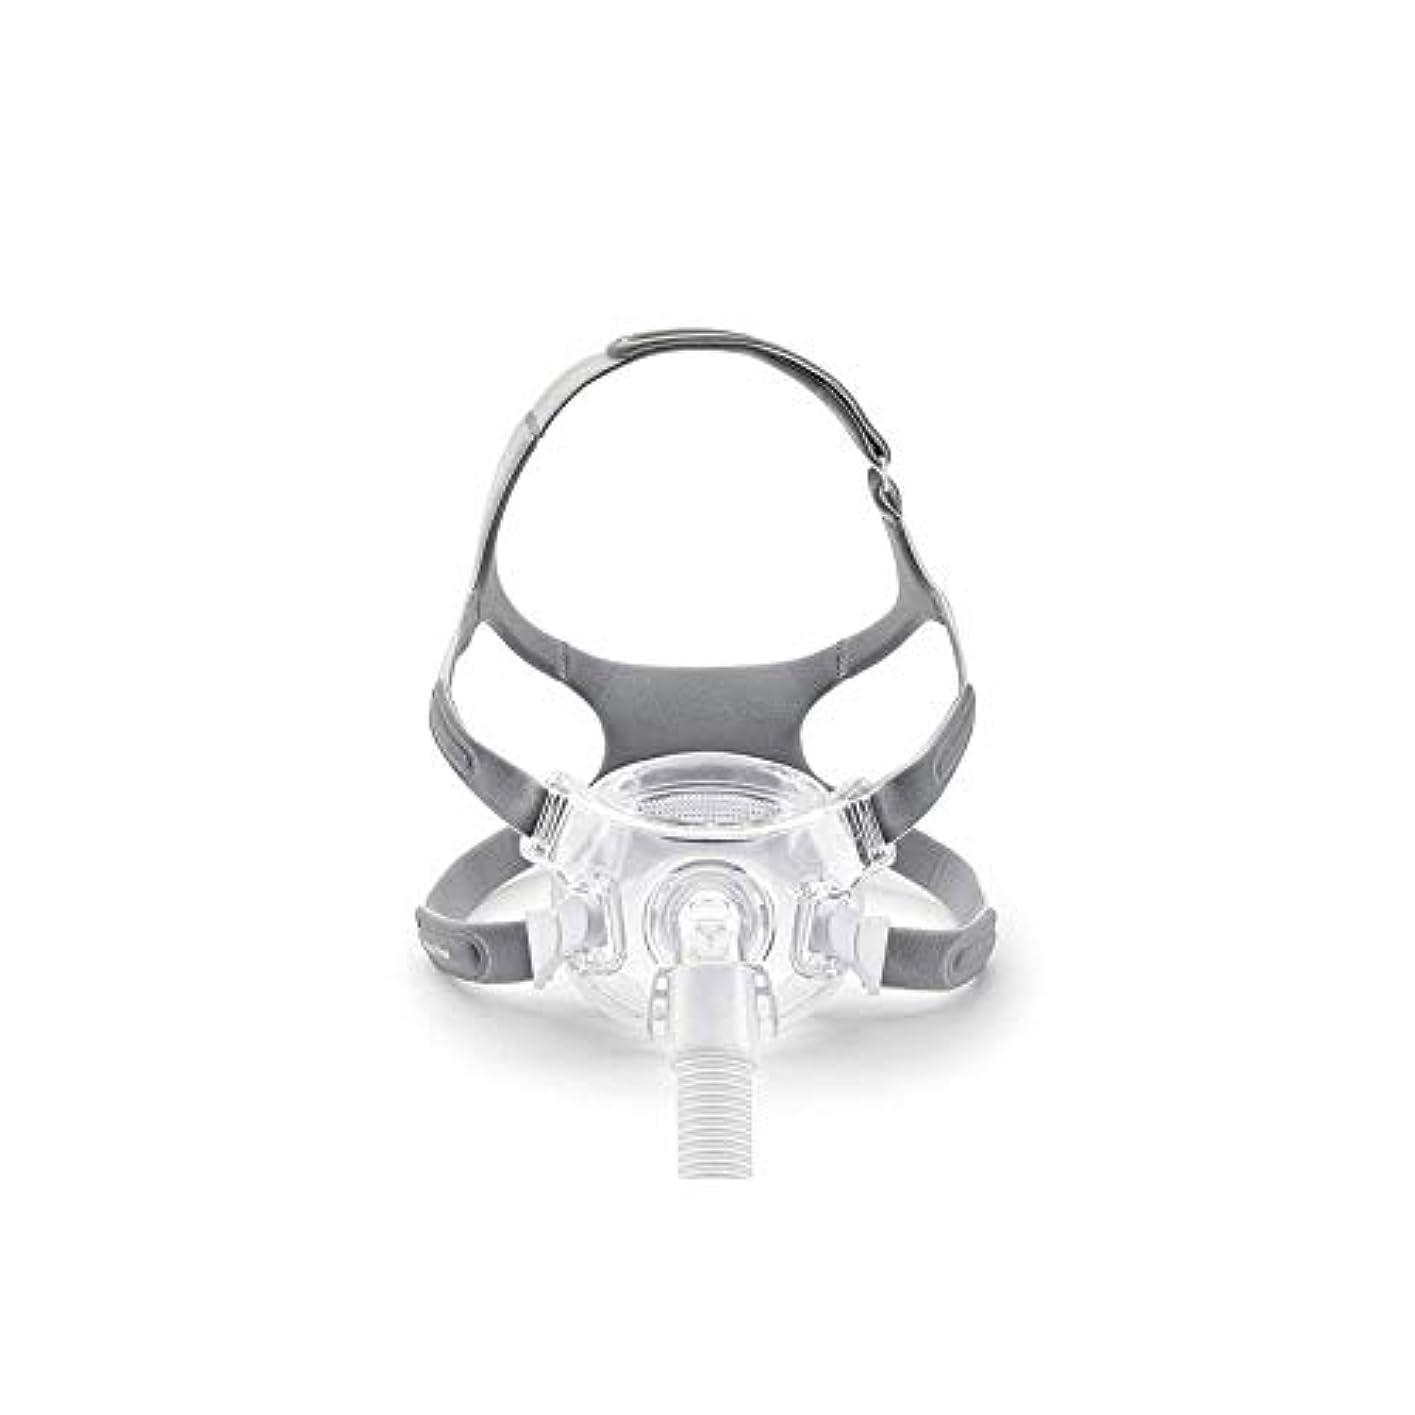 学者シットコムお誕生日CPAPマスク 耐久性あり 快適 睡眠を楽しめる 健康 調整可能 科学設計